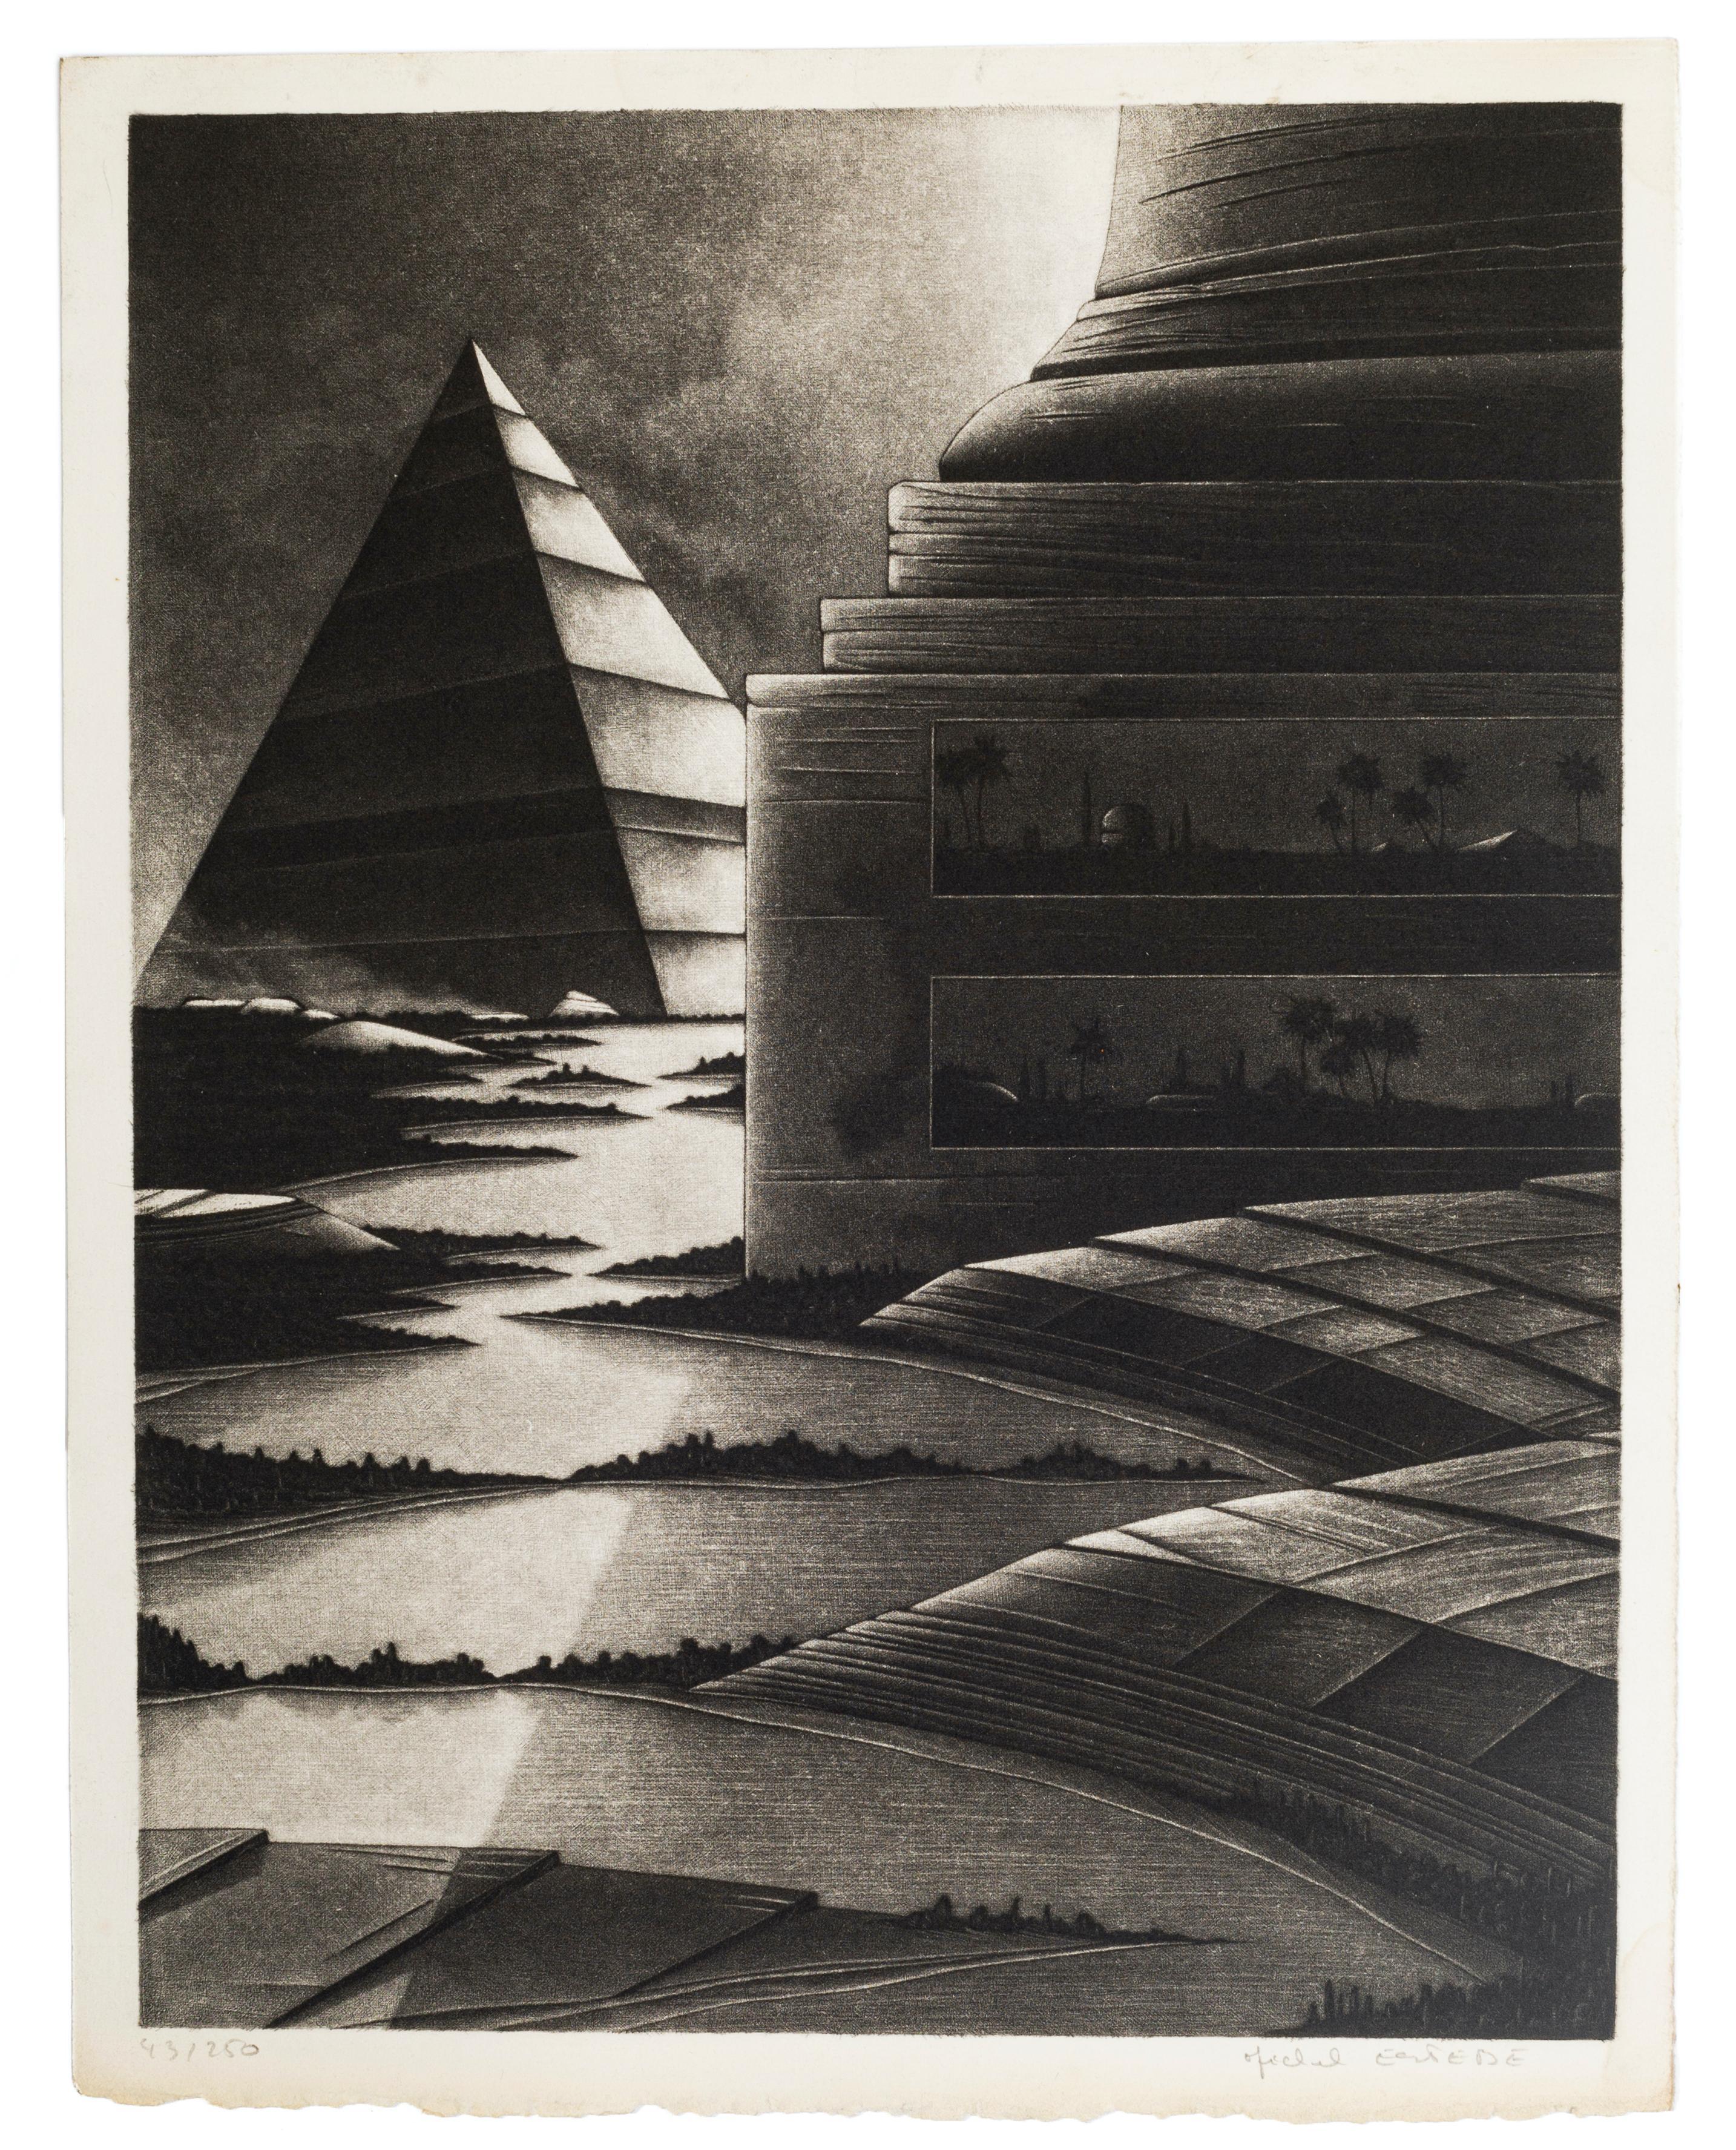 Egyptian Lanscape - Original Mezzotint by Michel Estèbe - Late 1900